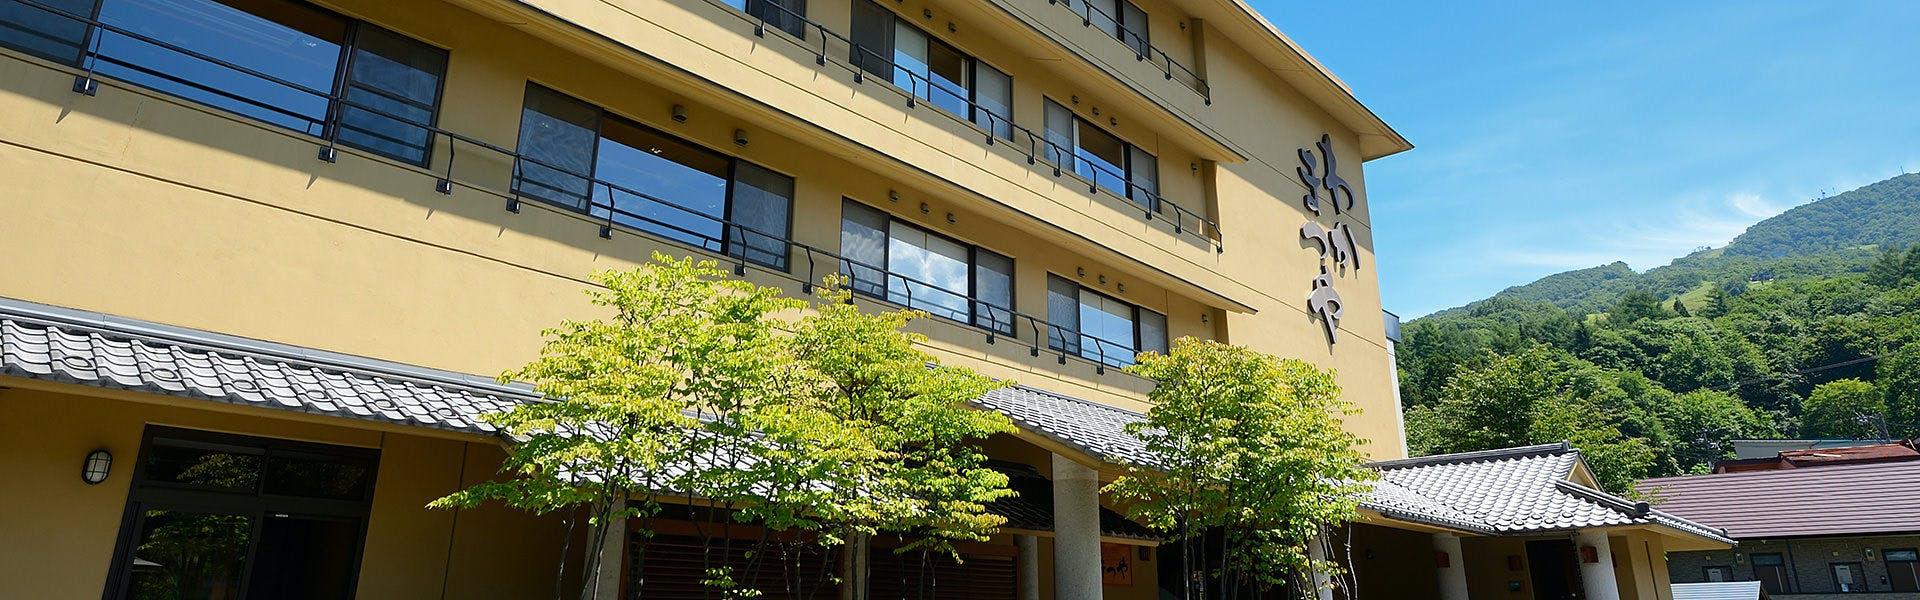 記念日におすすめのホテル・蔵王温泉 和歌(うた)の宿 わかまつやの写真1